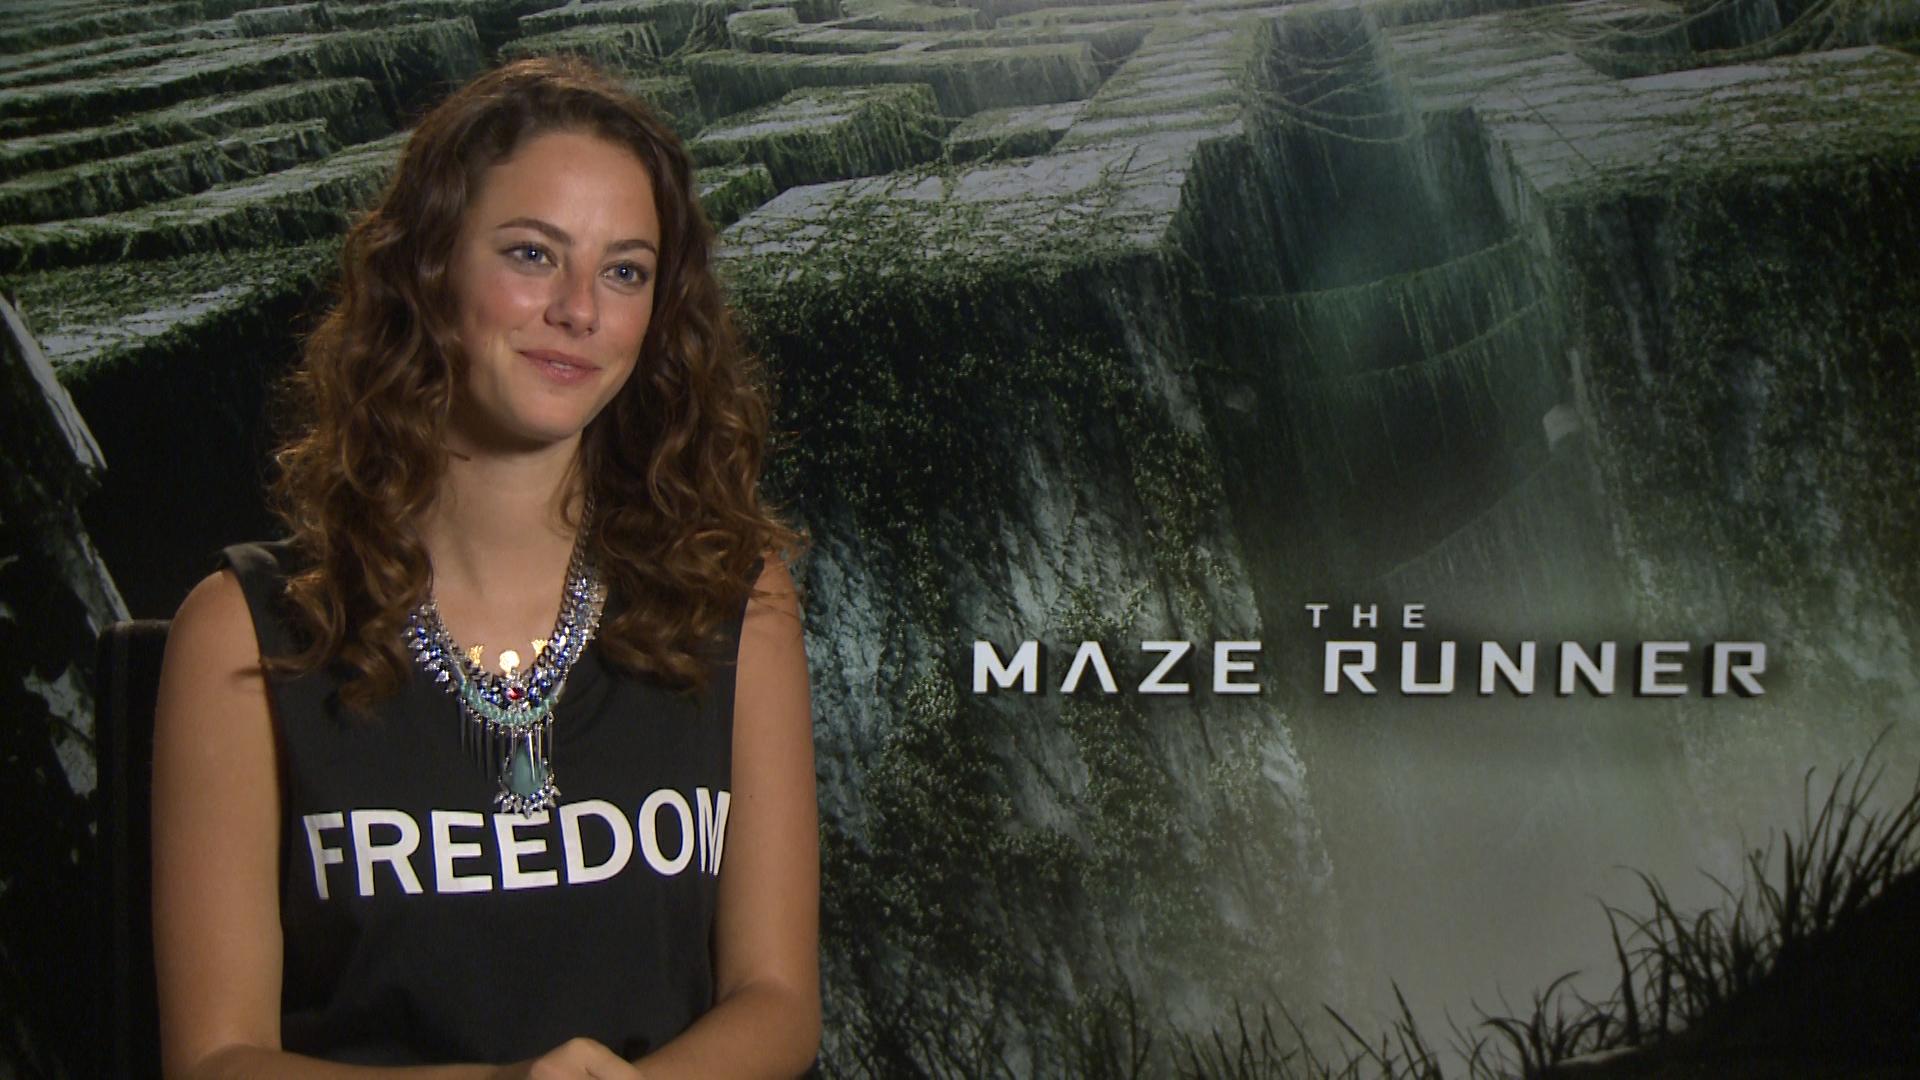 Kaya Scodelario - The Maze Runner